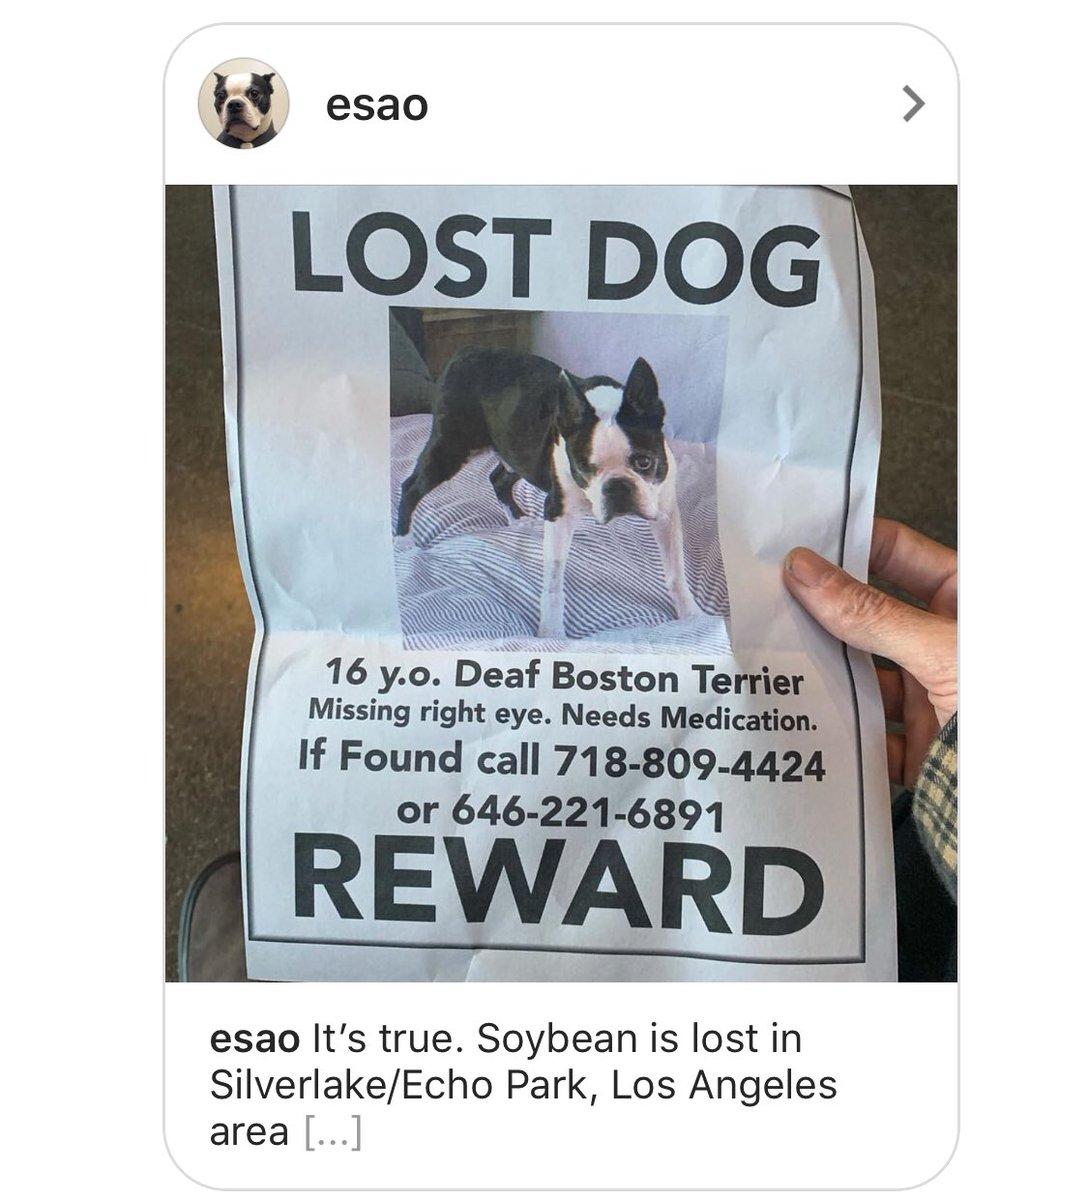 Help find a dog! #silverlake #echopark #soybean #lostdog